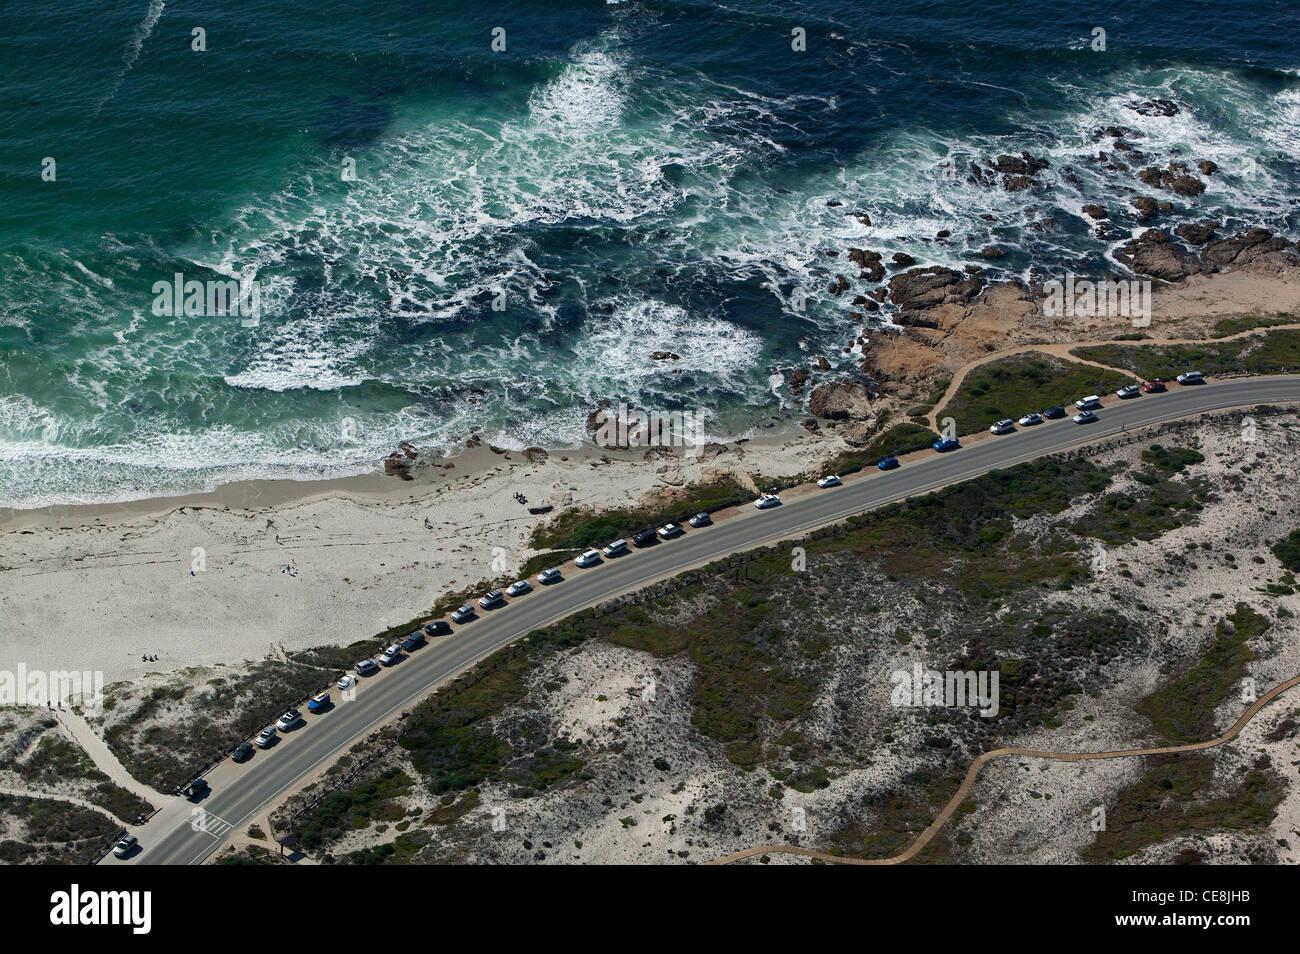 Fotografía aérea automóviles estacionados en la popular playa de Monterey, California Imagen De Stock